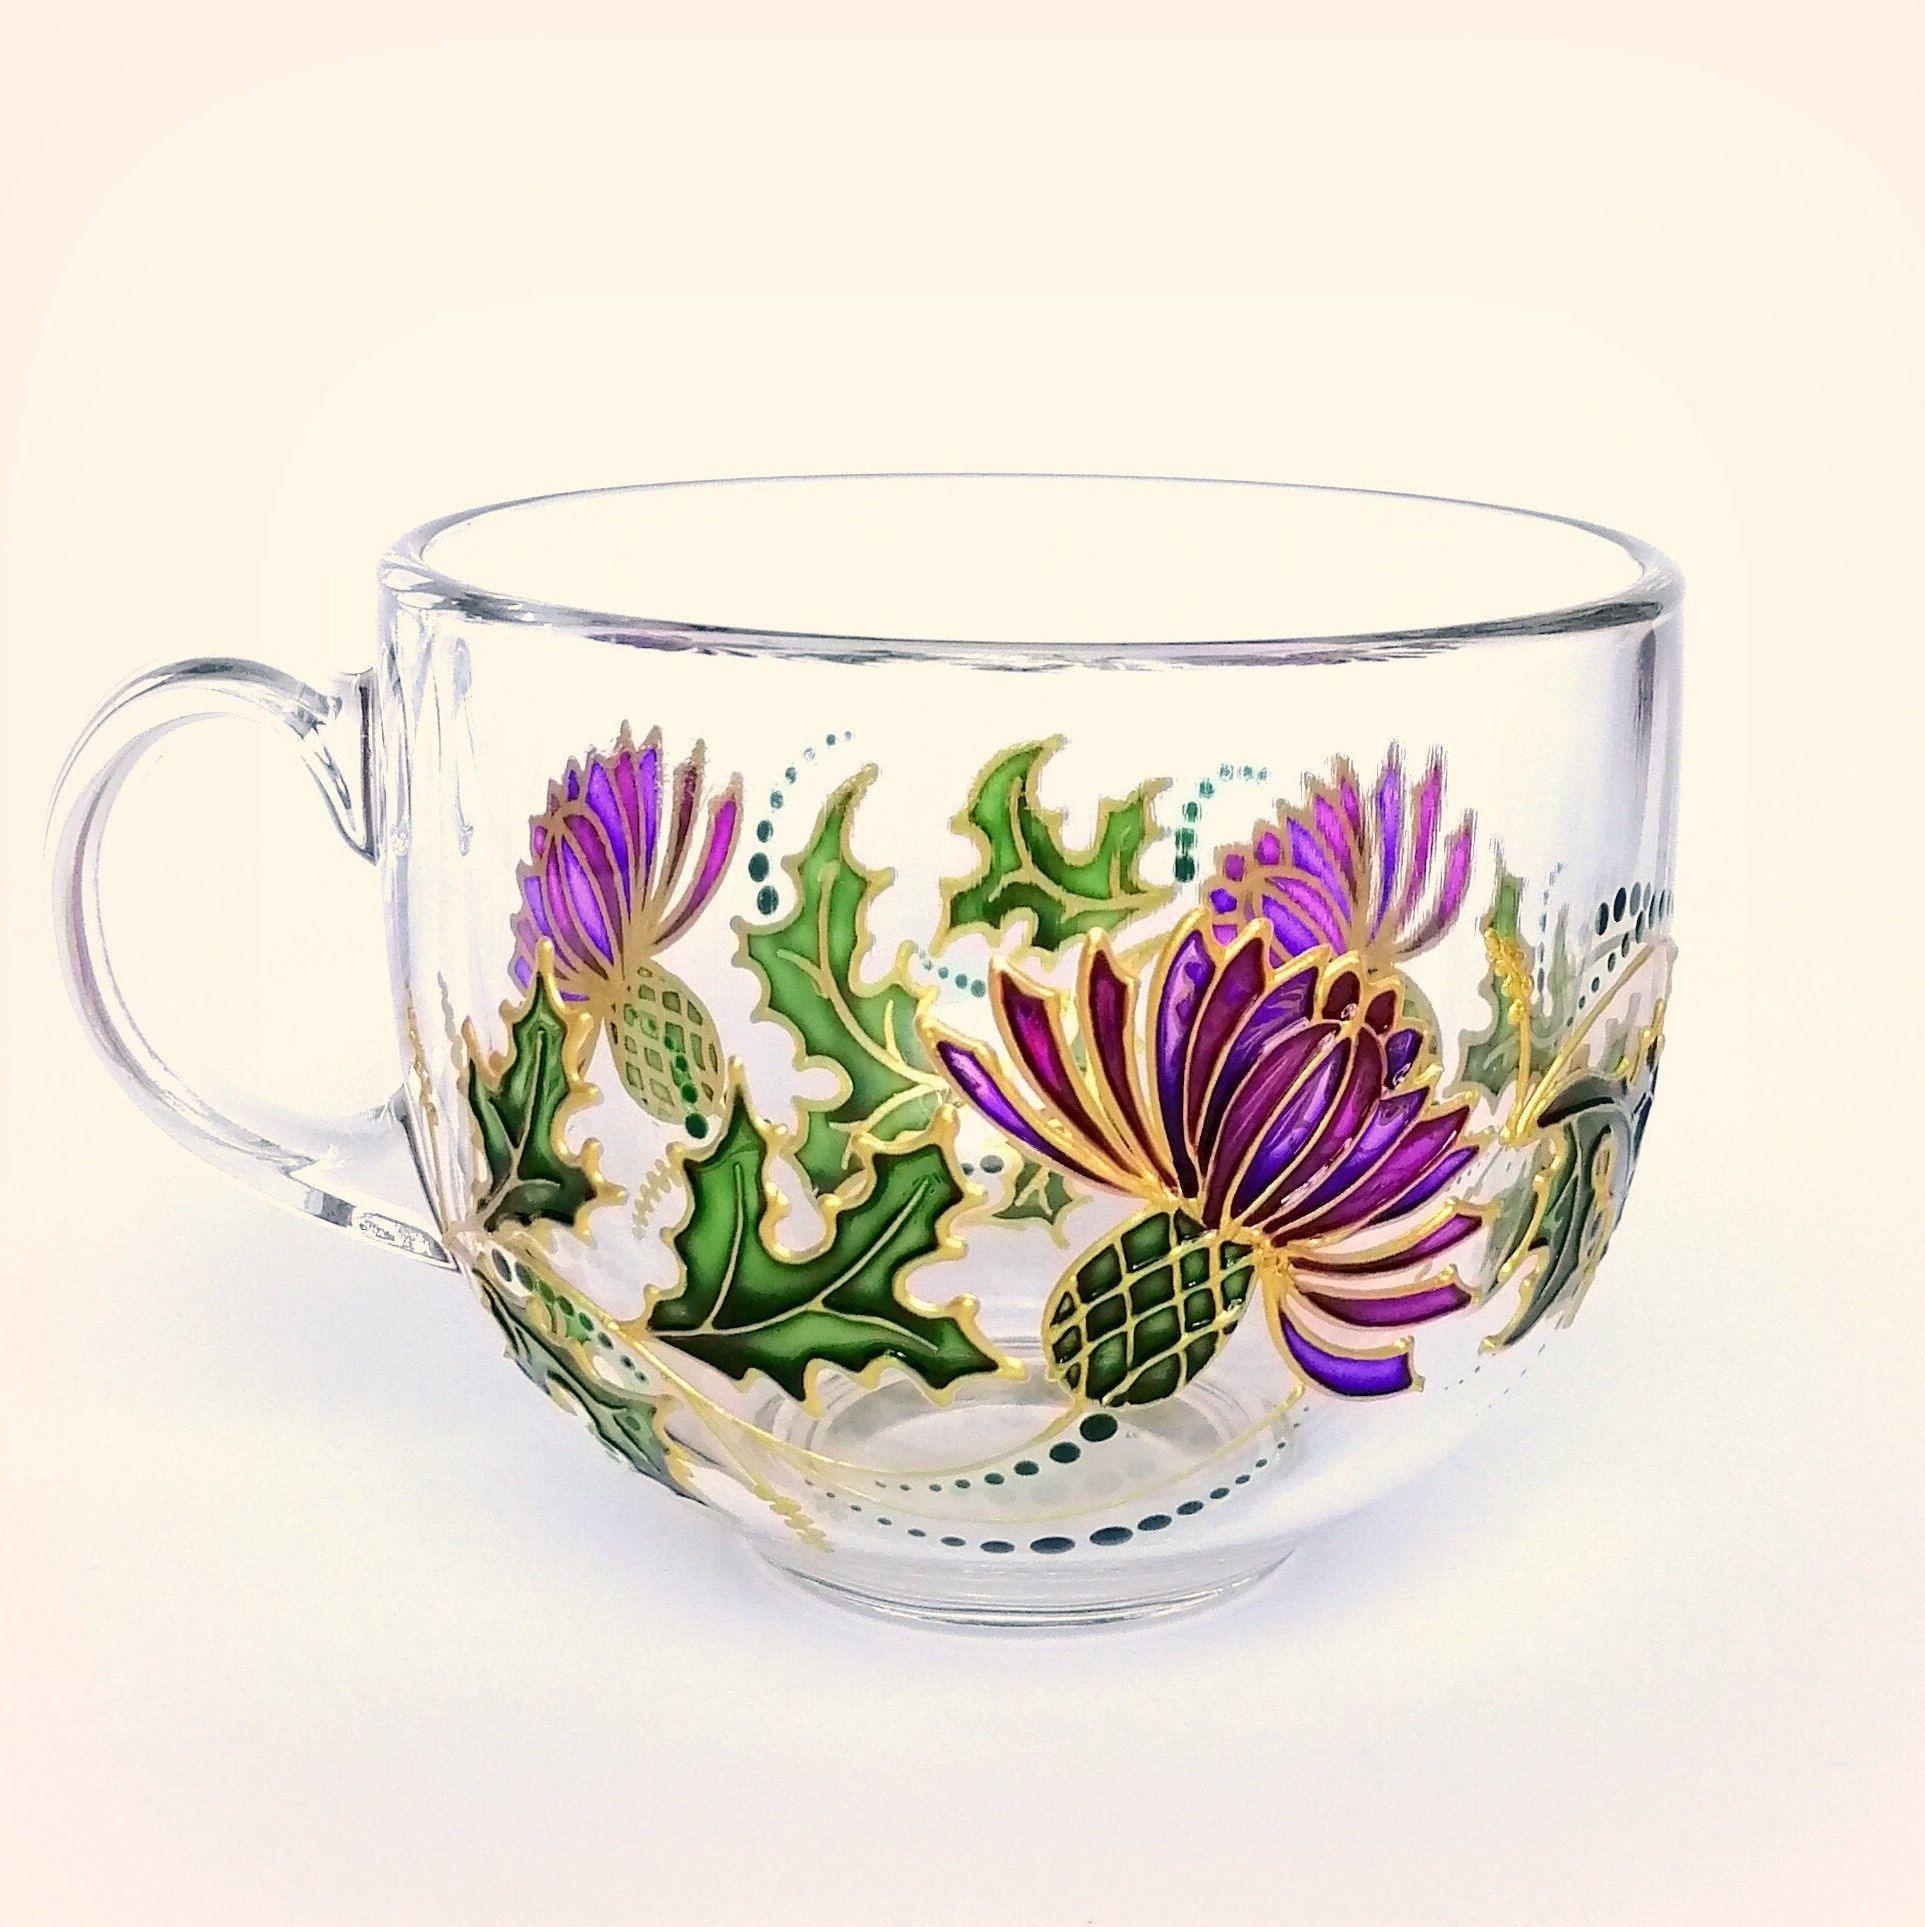 Scottish thistle coffee mug hand painted Anniversary gift